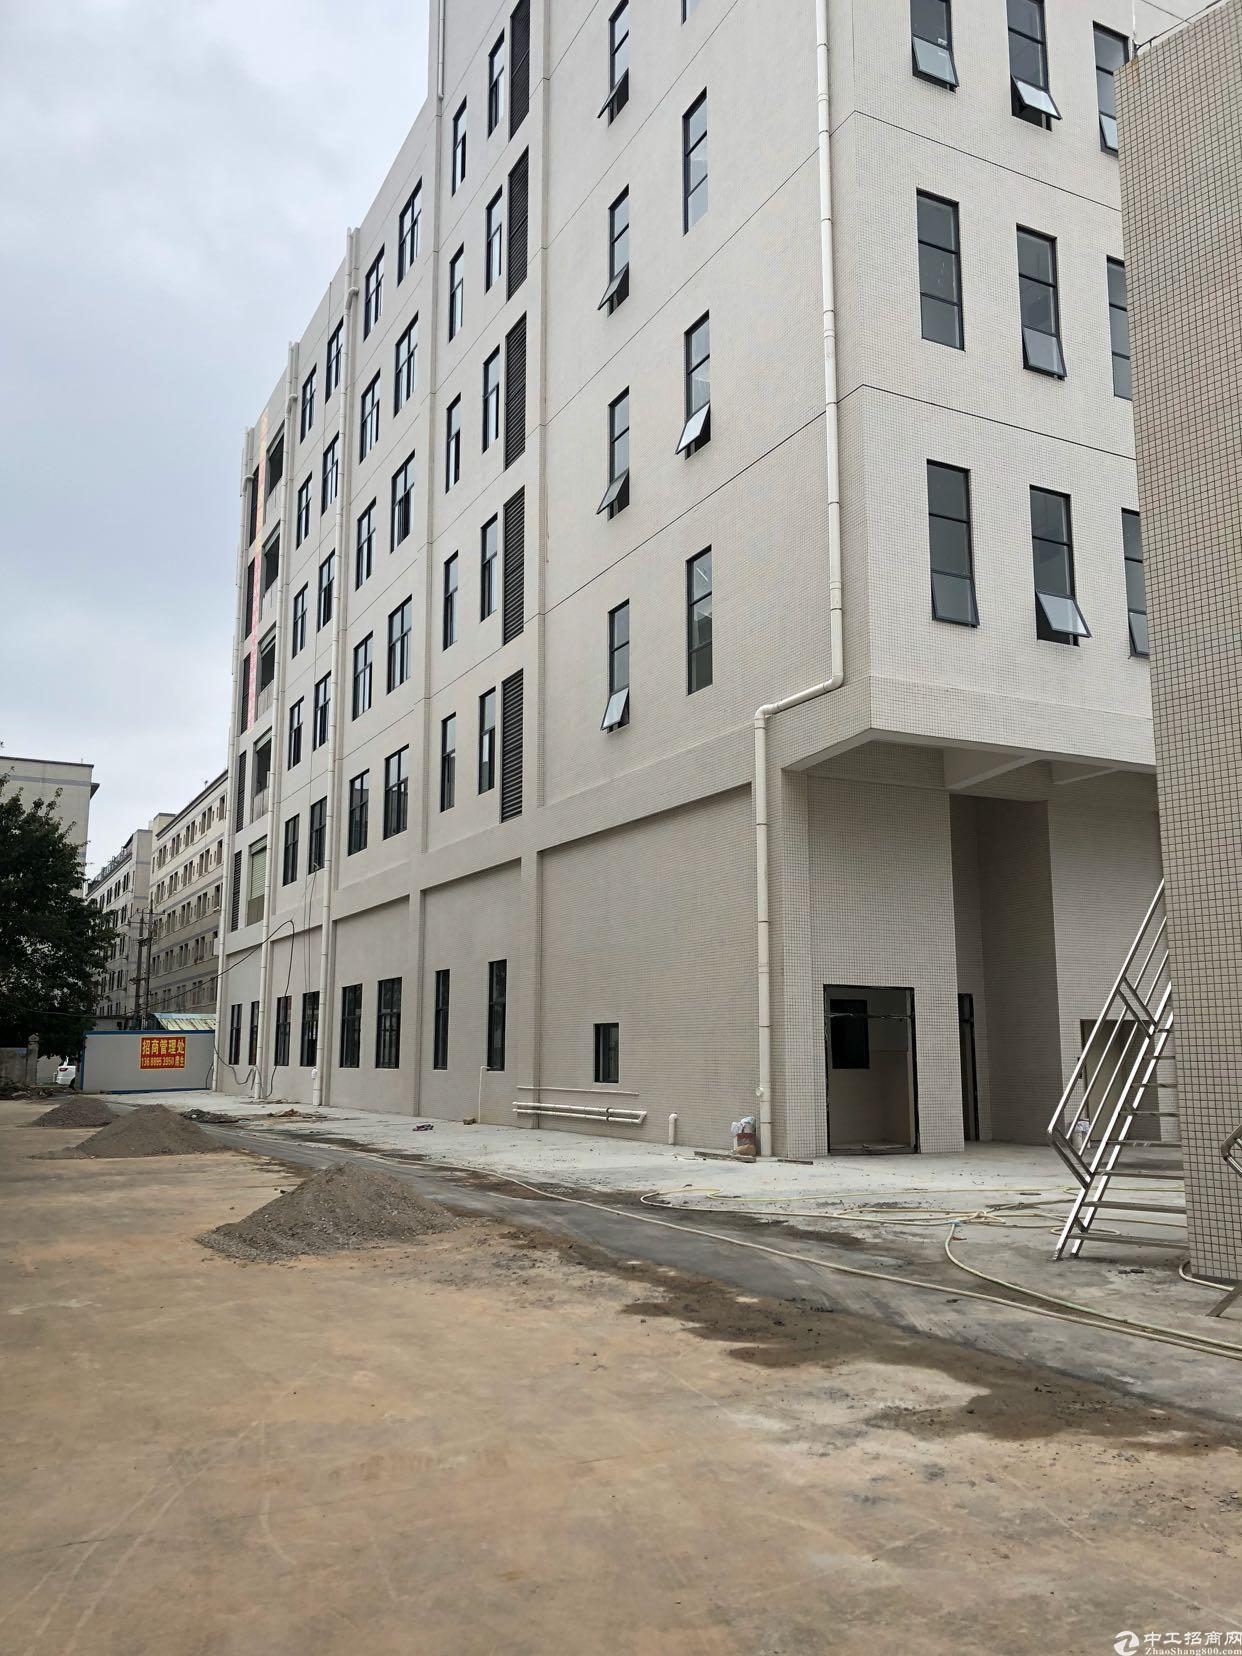 虎门重工业厂房出租一楼7米高、二楼5米高、大小可分租